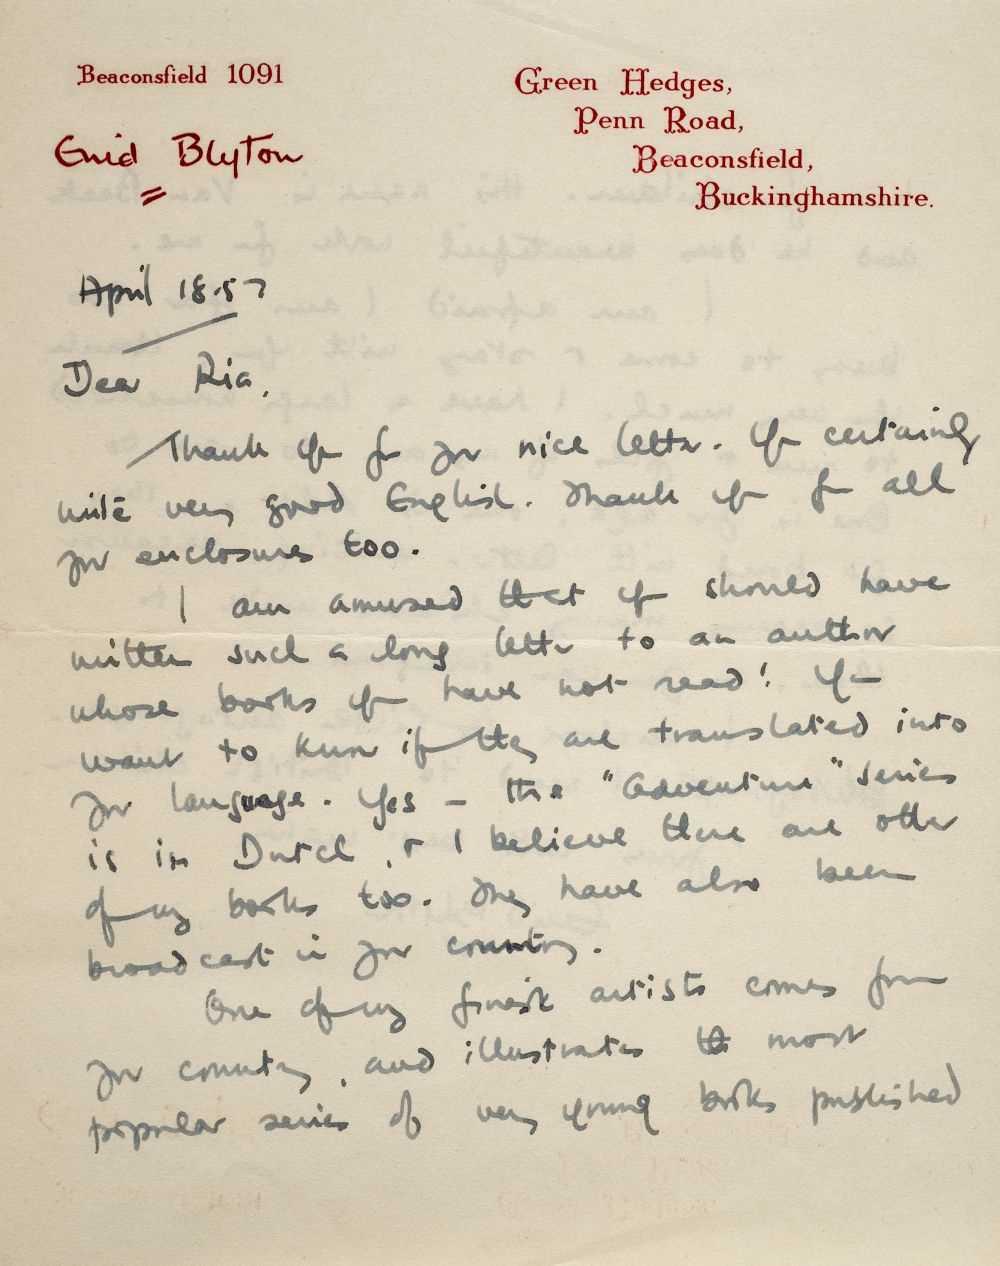 Lot 587 - Blyton (Enid, 1897-1968). Autograph letter signed, 18 April 1957